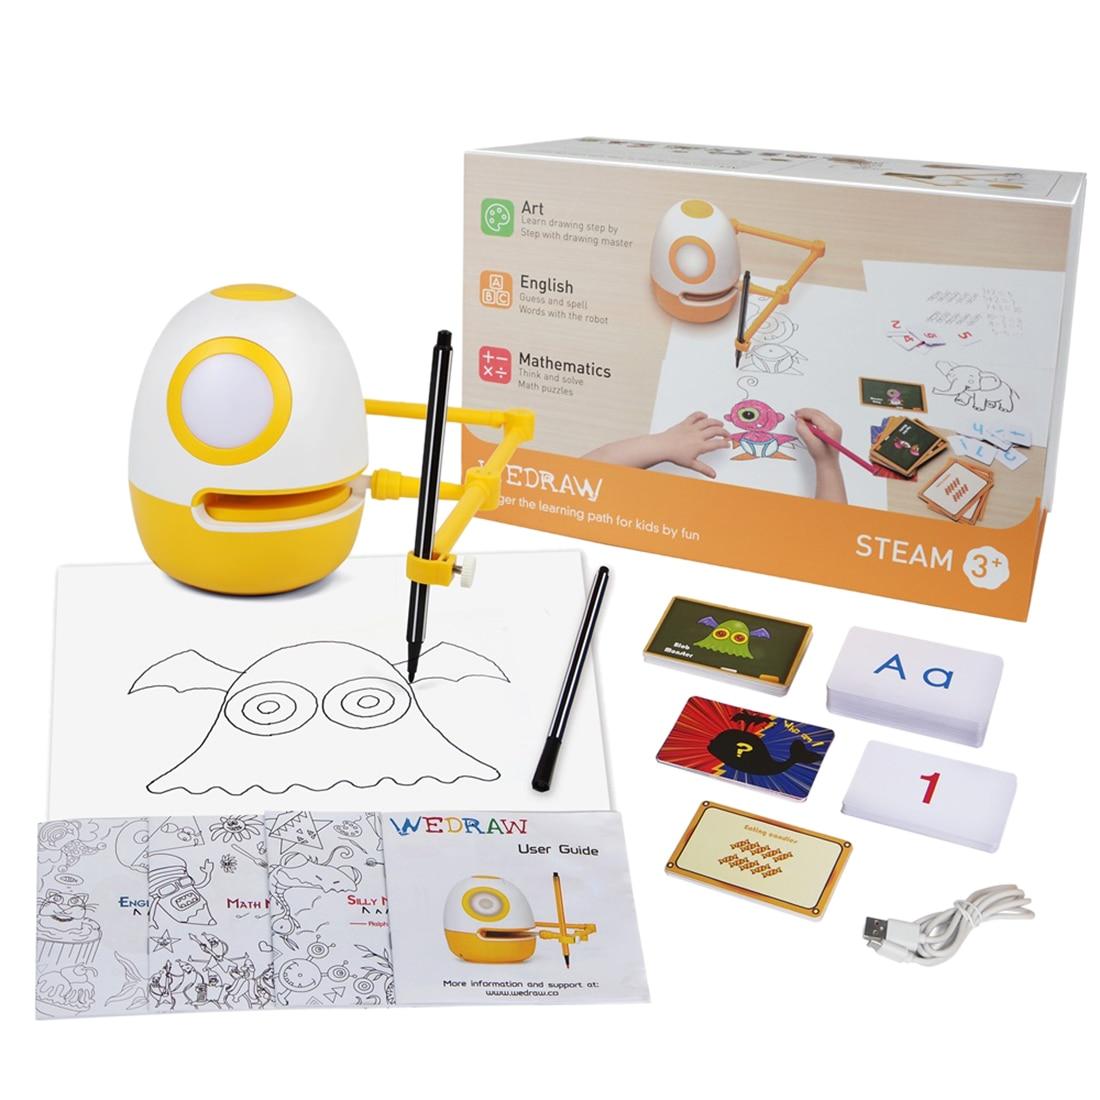 wedraw eggy criancas desenho robo genio kit aprendizagem tecnologia educacional brinquedos jogar jogo natal presente de